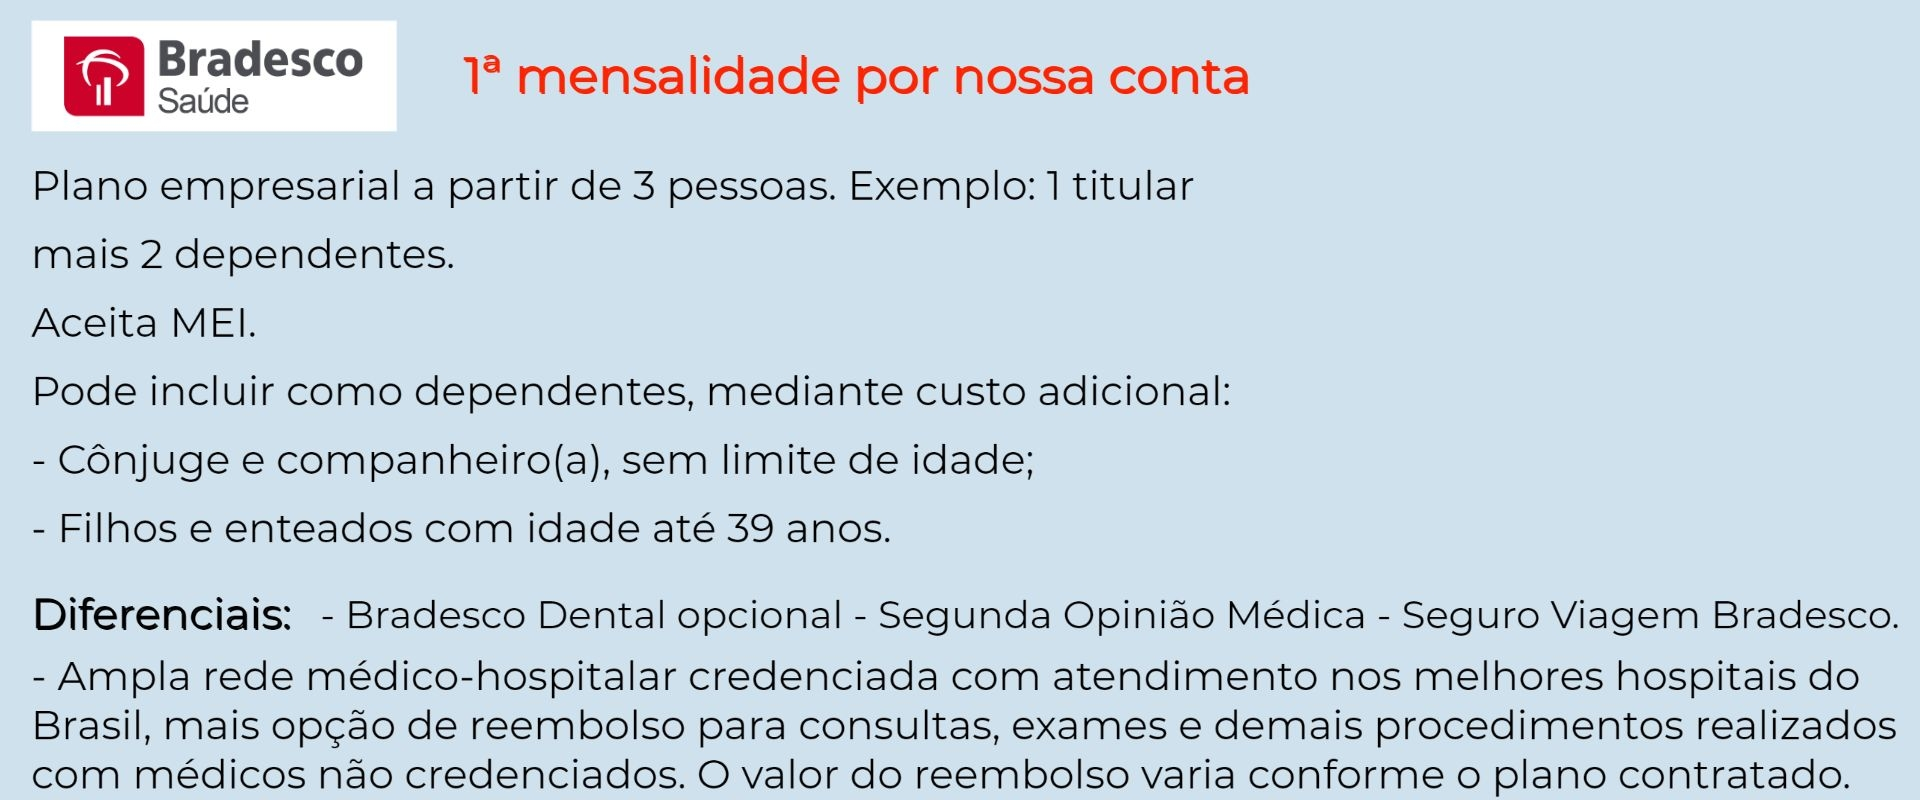 Bradesco Saúde Empresarial - Tupã